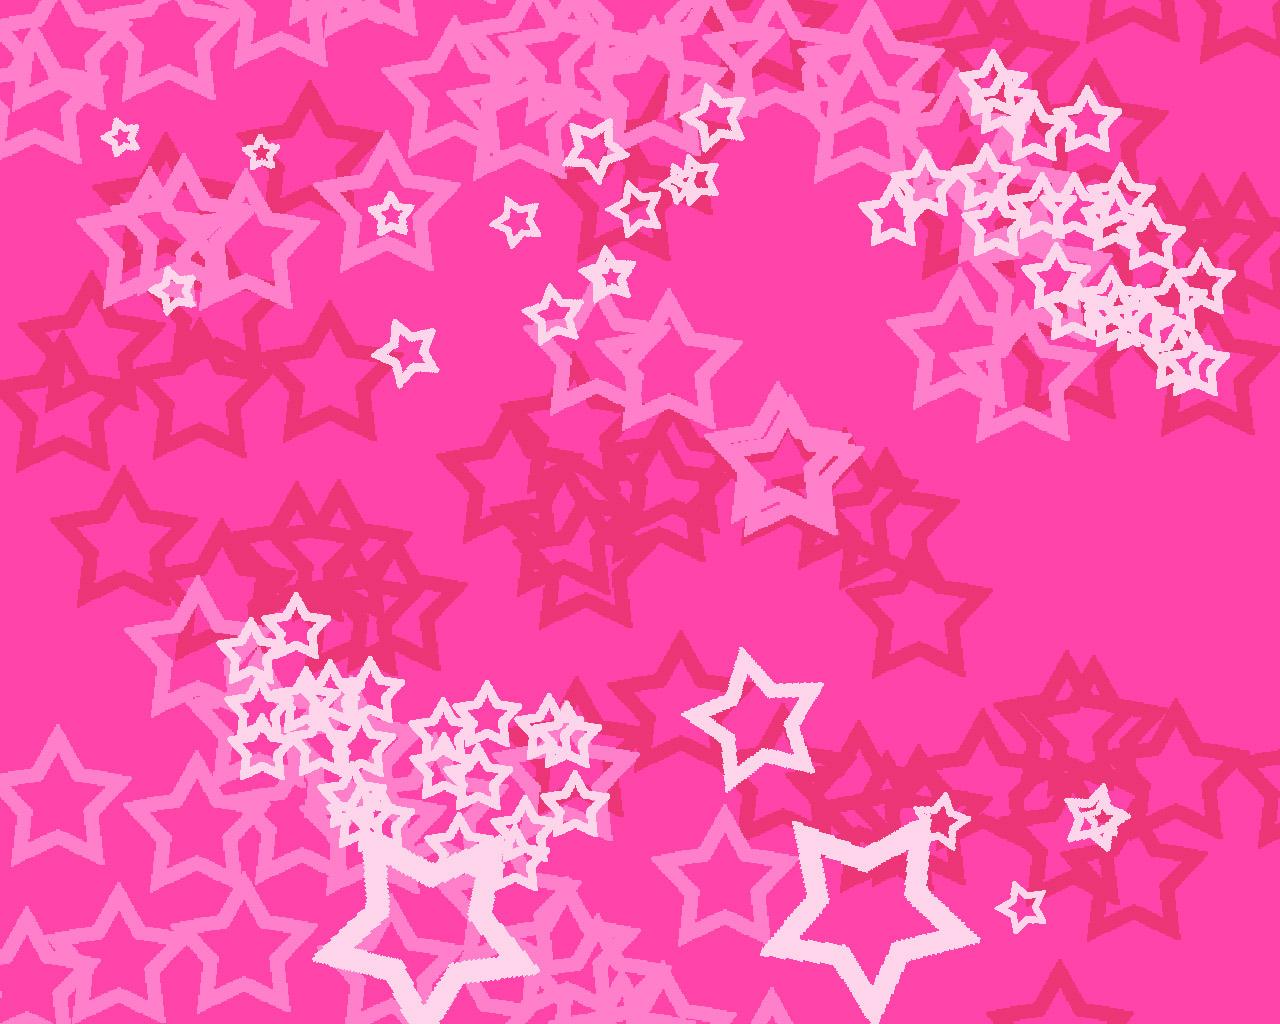 Wallpaper Expreess: Baby pink wallpaper